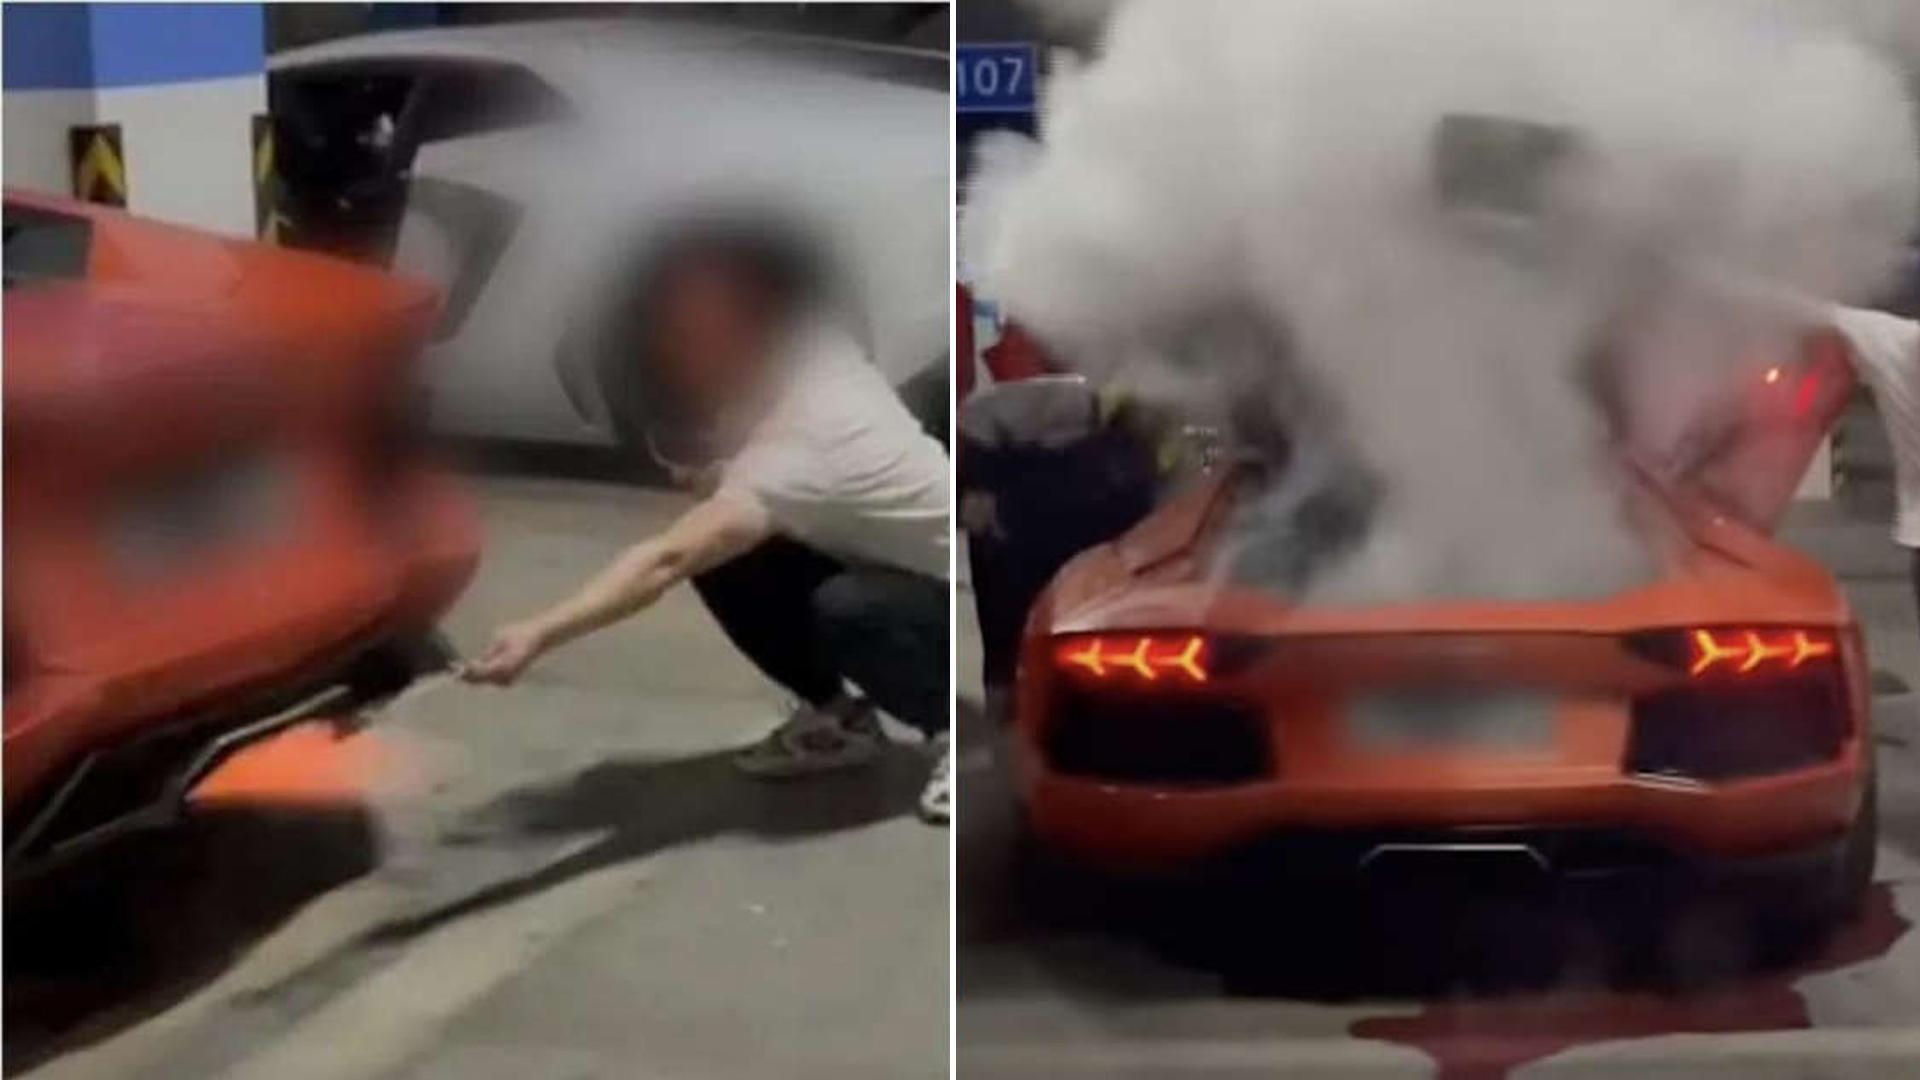 Chineses incendeiam Lamborghini tentando assar carne no escapamento